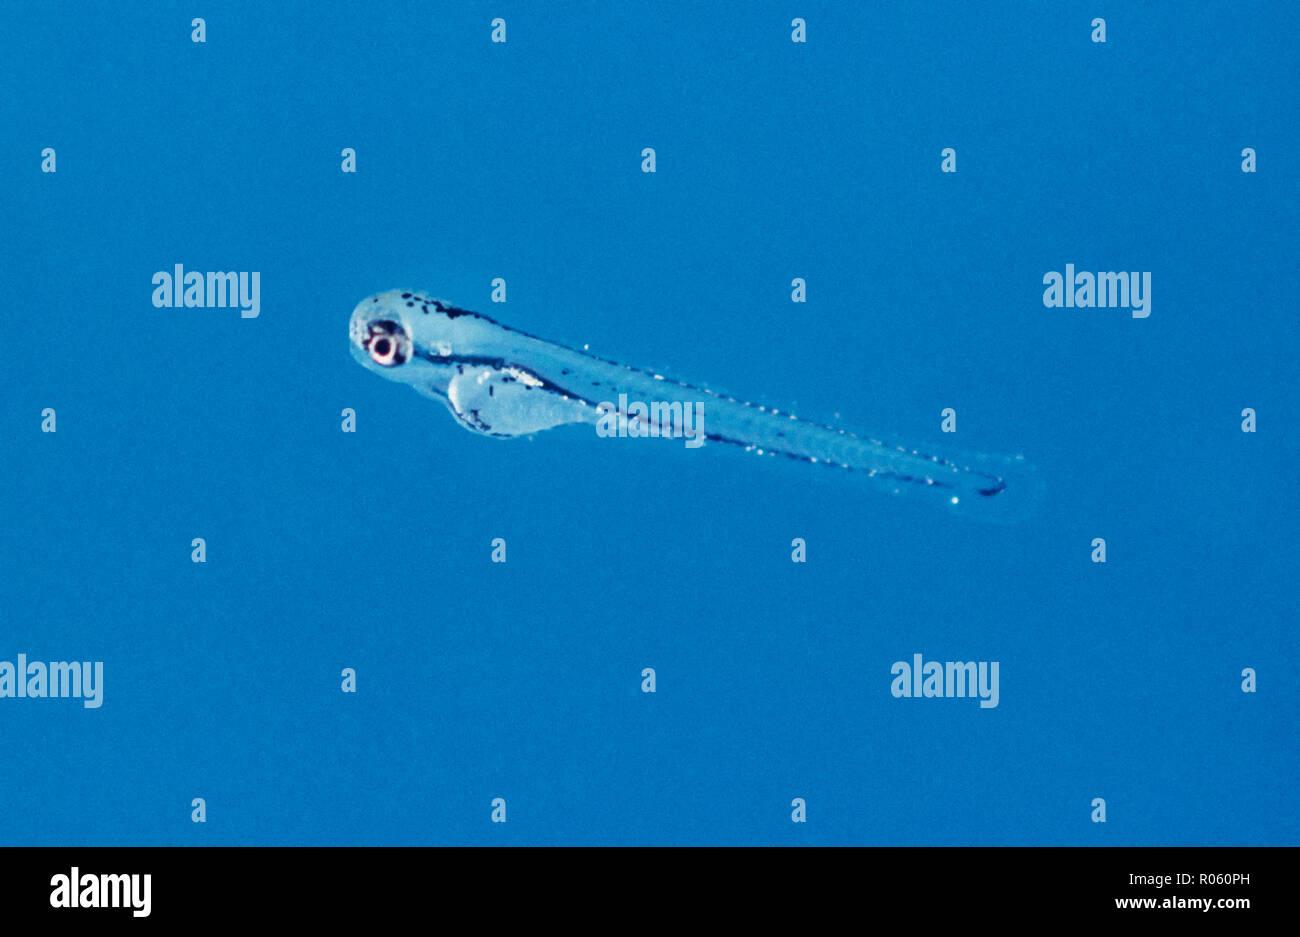 Le poisson zèbre, Danio rerio, Fry sur l'aquarium. Depuis les années 1930, les poissons ont été un organisme modèle pour l'étude des maladies humaines. Photo Stock